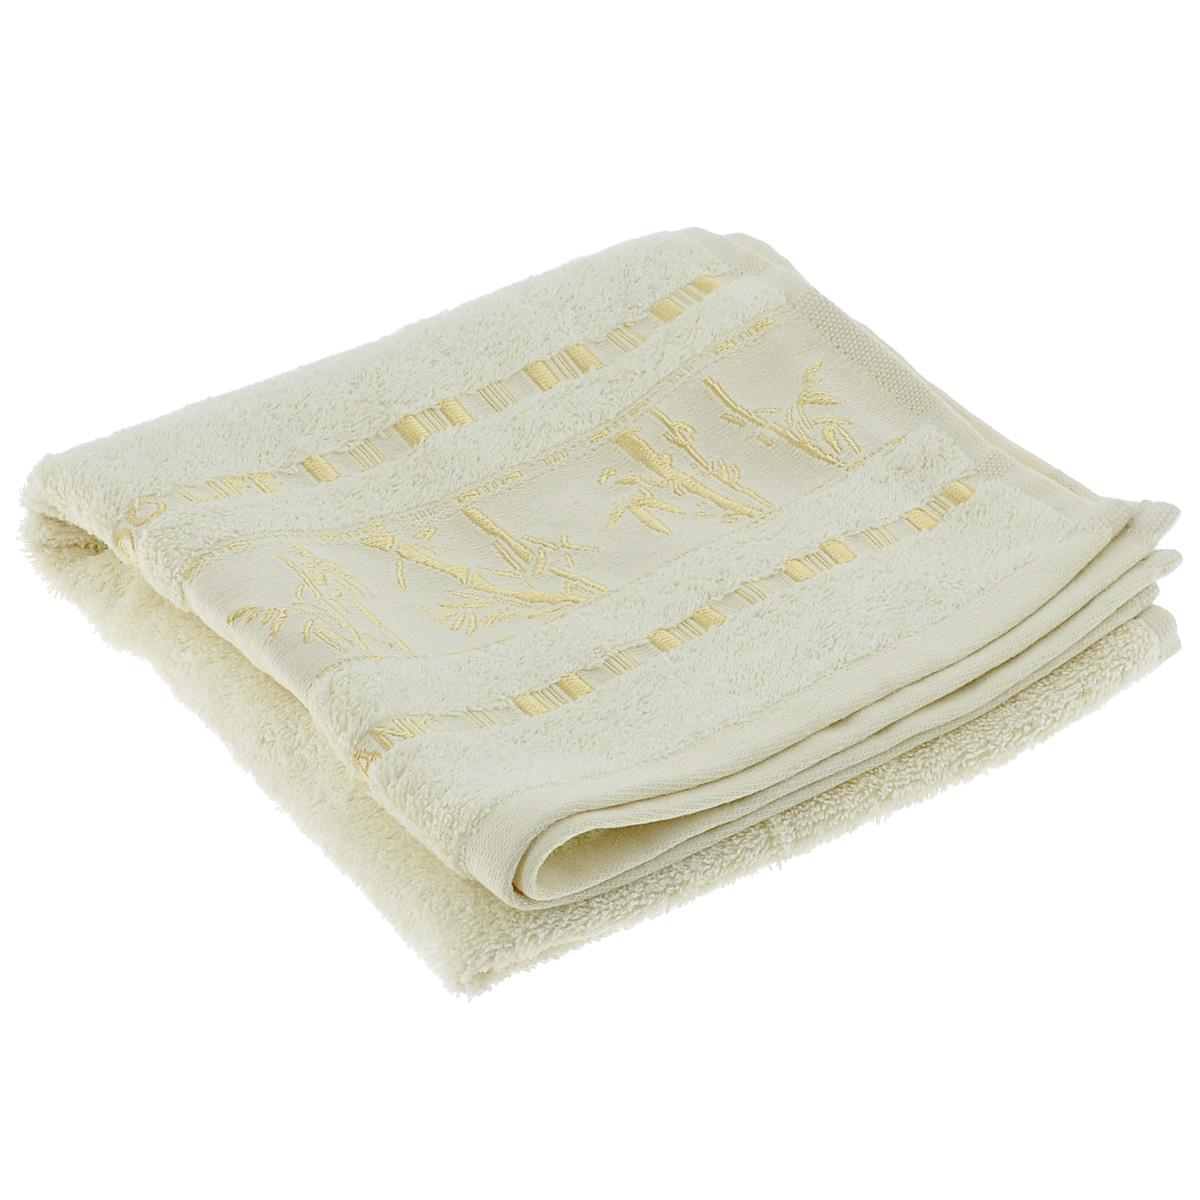 Полотенце Mariposa Bamboo, цвет: молочный, 50 см х 90 смBW-4770Махровое полотенце Mariposa Bamboo, изготовленное из 100% бамбука, подарит массу положительных эмоций и приятных ощущений.Бамбук - инновация в текстильном производстве с потрясающими характеристиками. Бамбуковое волокно с натуральным блеском мягче самого мягкого хлопка и по качеству напоминает шелк и кашемир. Ткань из бамбука обладает натуральными антимикробными свойствами и не нуждается в специальной химической обработке. Ткань содержит компонент Bamboo Kun, предотвращающий размножение бактерий. Бамбук - это самый жизнеспособный природный ресурс, он растет без пестицидов и химикатов, поэтому экологичен. Полотенца из бамбука только издали похожи на обычные. На самом деле, при первом же прикосновении вы ощутите невероятную мягкость и шелковистость. Таким полотенцем не нужно вытираться - только коснитесь кожи - и ткань сама все впитает! Несмотря на богатую плотность и высокую петлю полотенца, оно быстро сохнет, остается легким даже при намокании.Полотенце оформлено изображением бамбука. Благородный тон создает уют и подчеркивает лучшие качества махровой ткани. Полотенце Mariposa Bamboo станет достойным выбором для вас и приятным подарком для ваших близких.